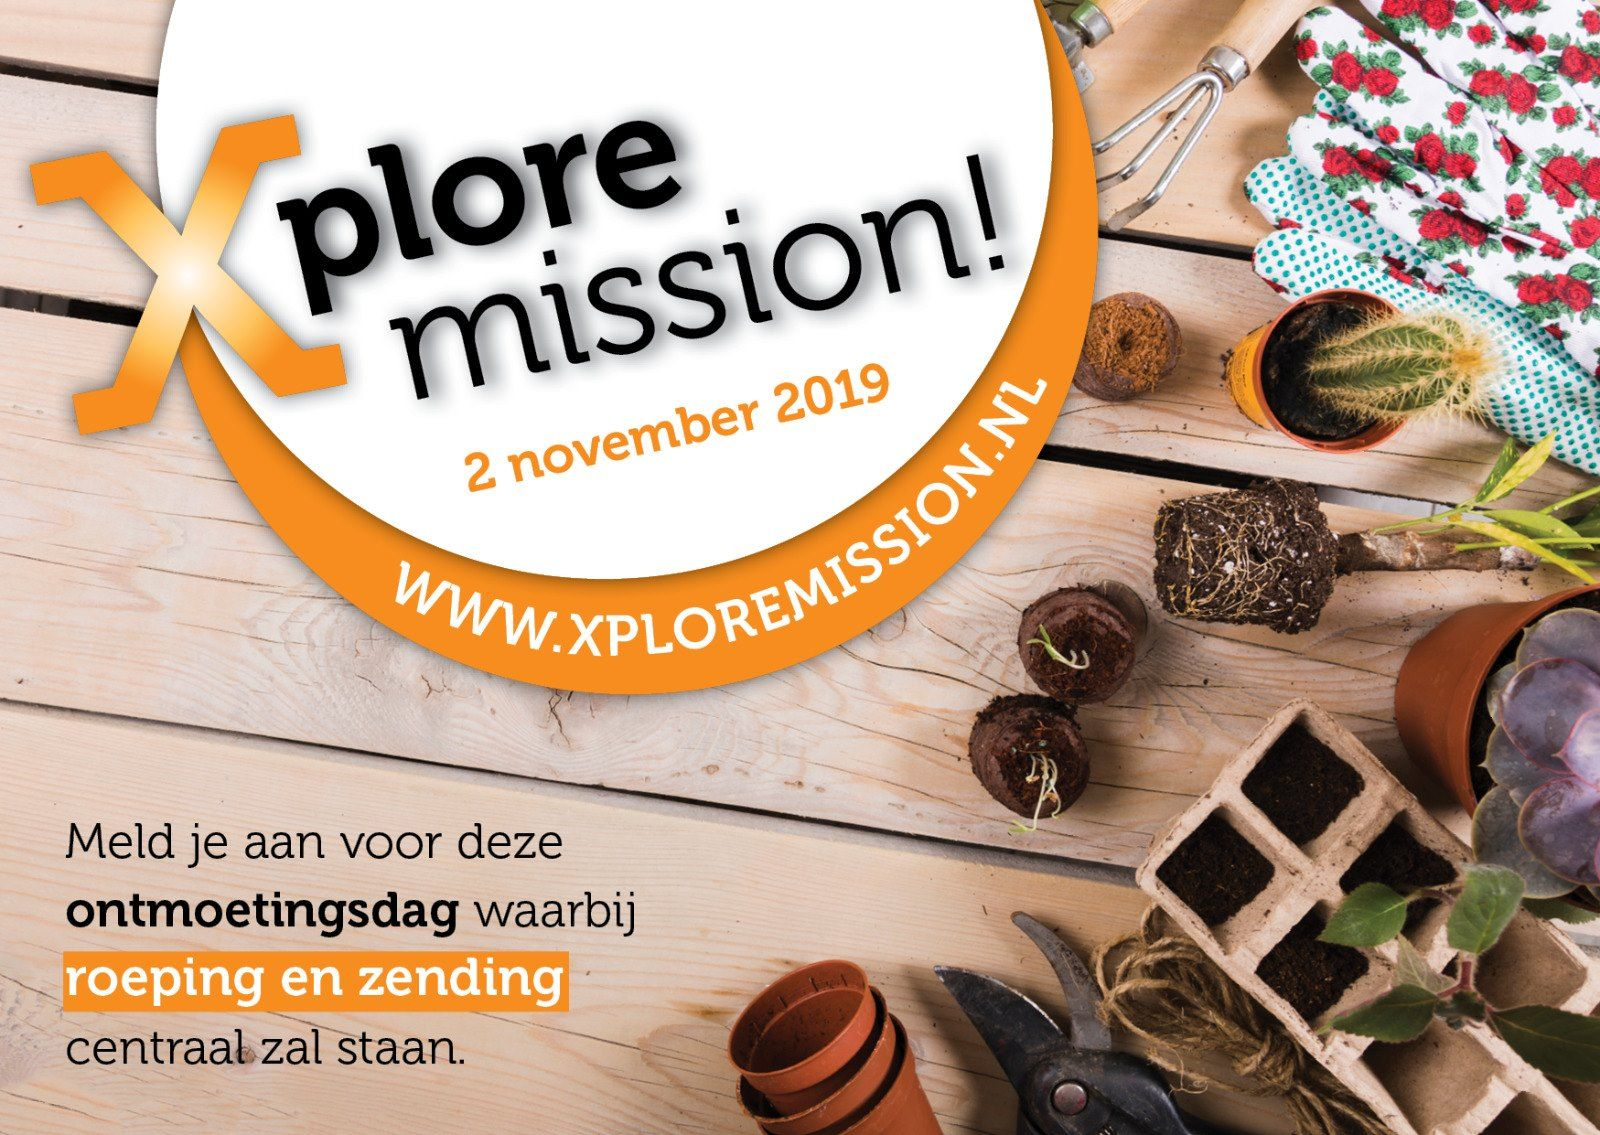 Xplore Mission